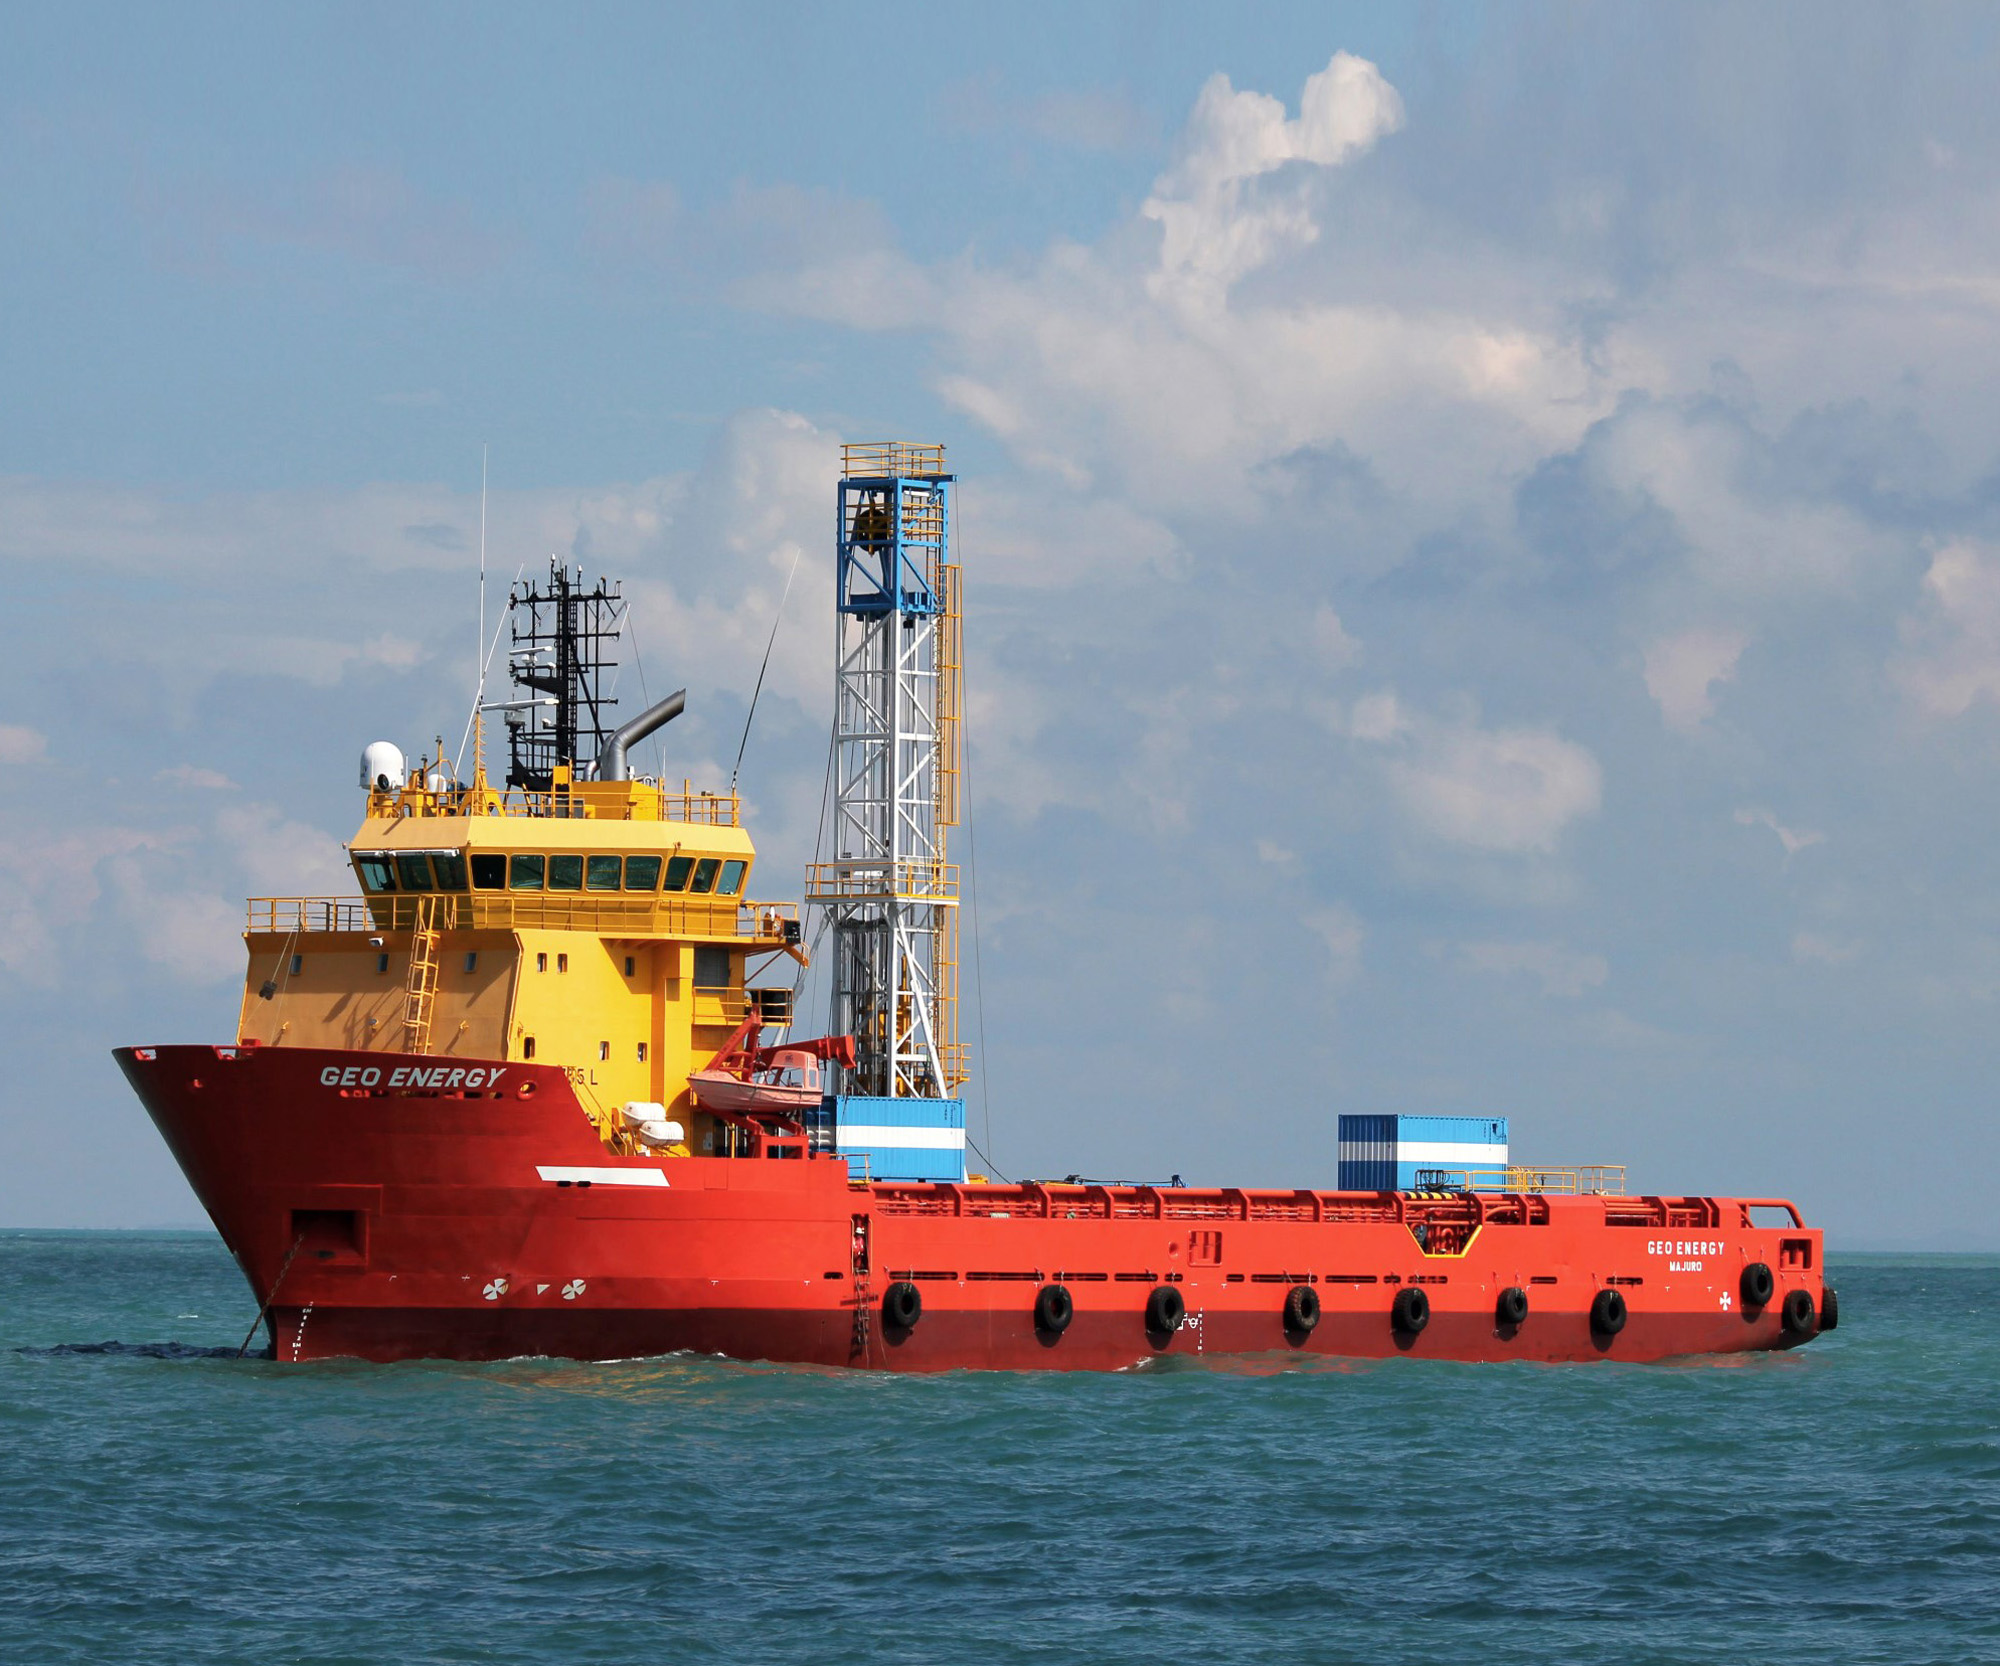 чертежи и фото судна снабжения гданьск сколько